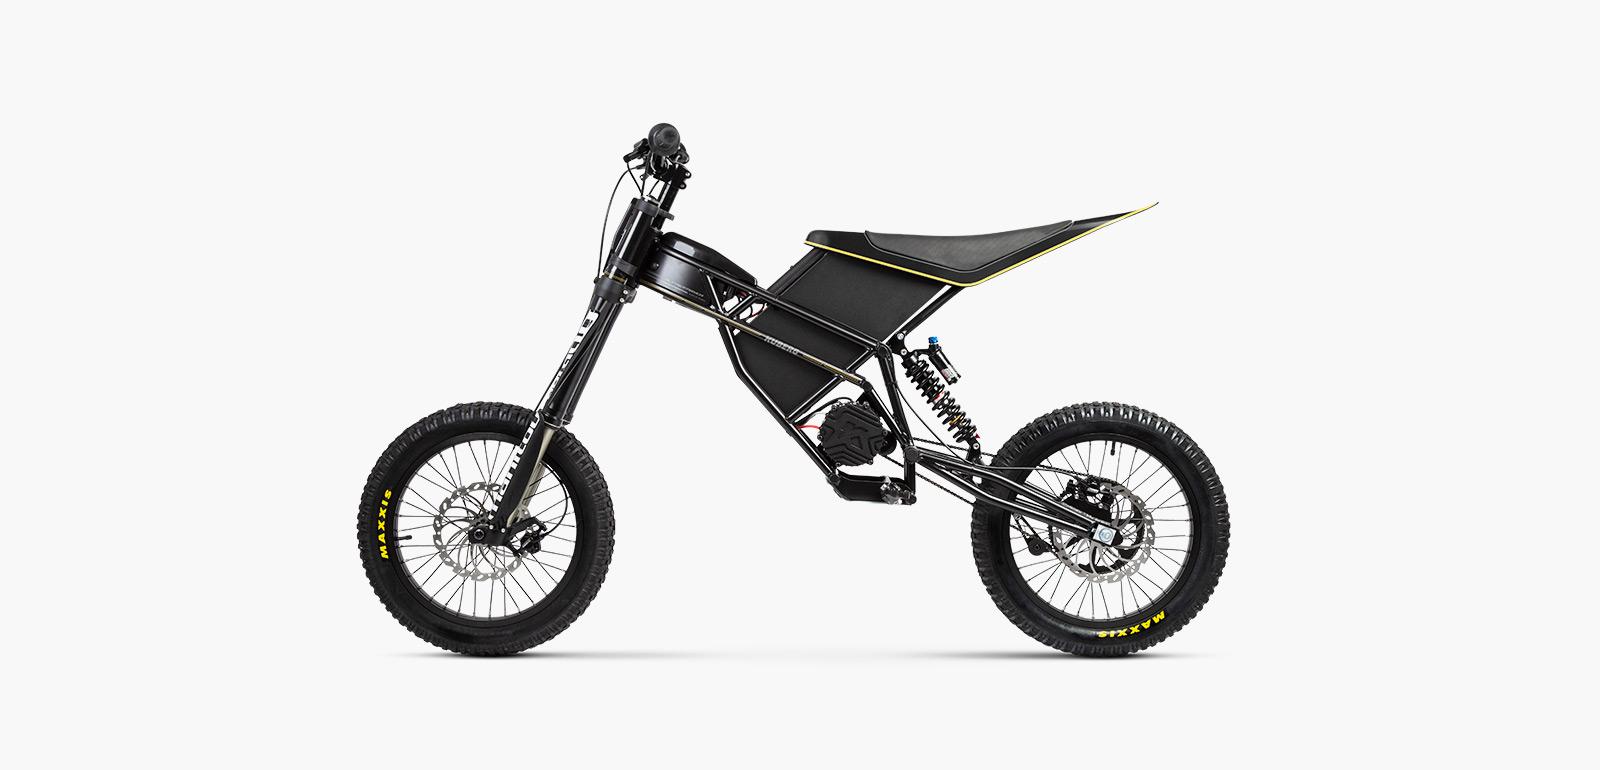 Kuberg Freerider Electric Dirt Bike Imboldn